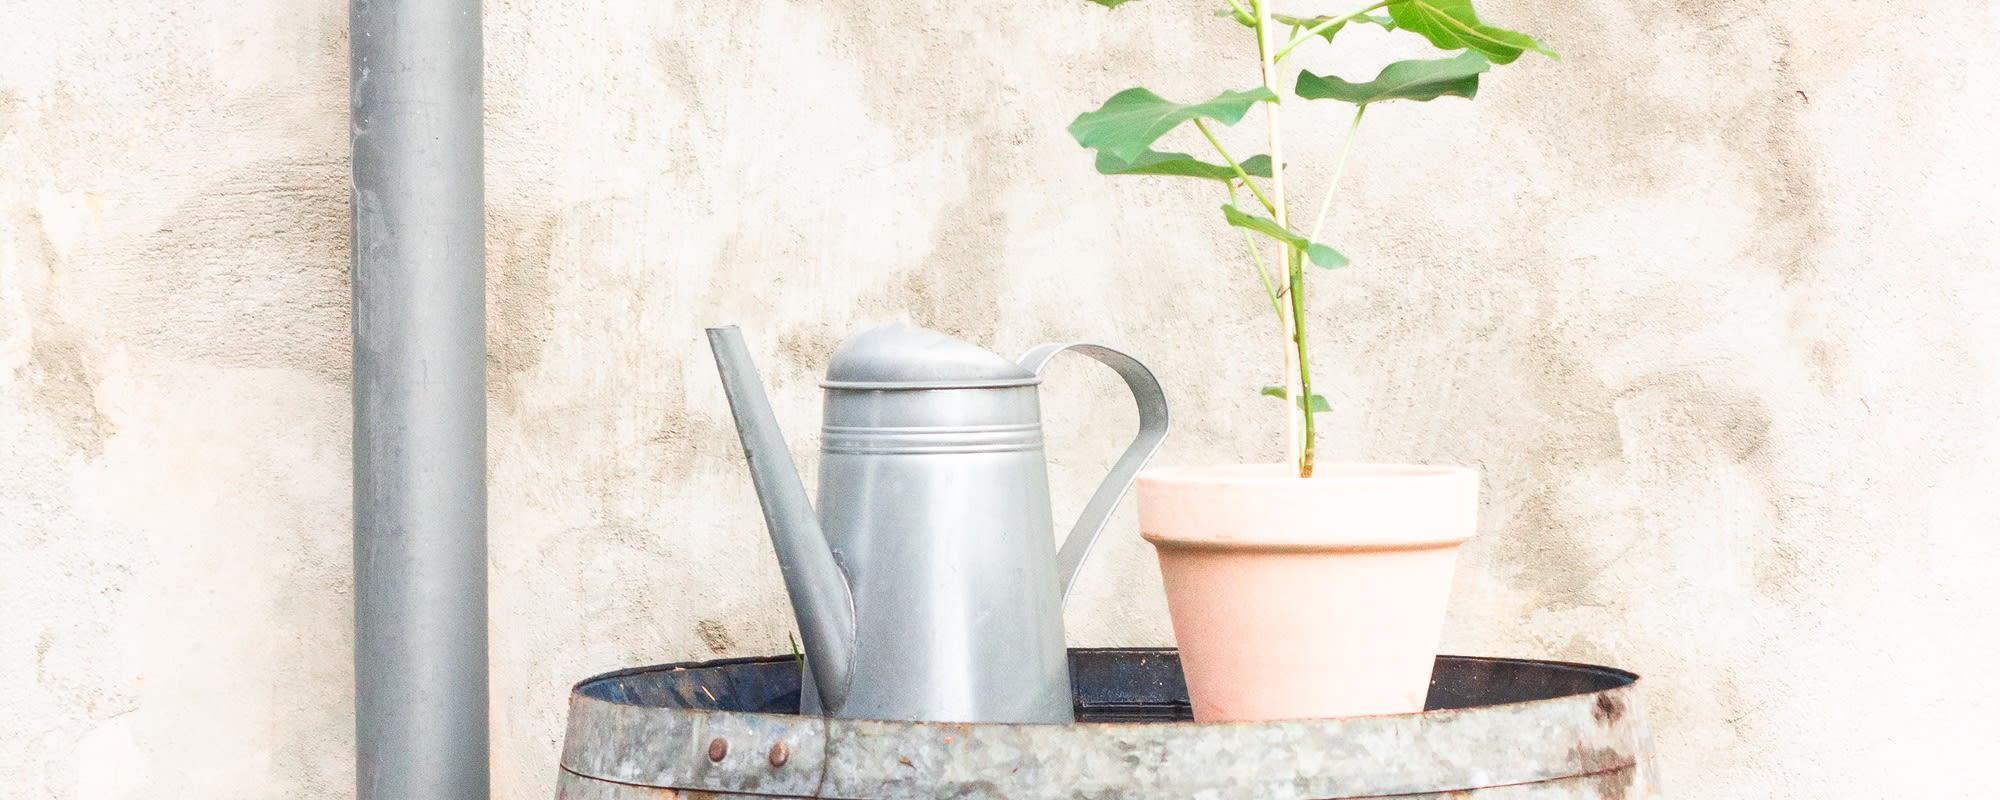 Tips til en mere bæredygtig hverdag - del 2